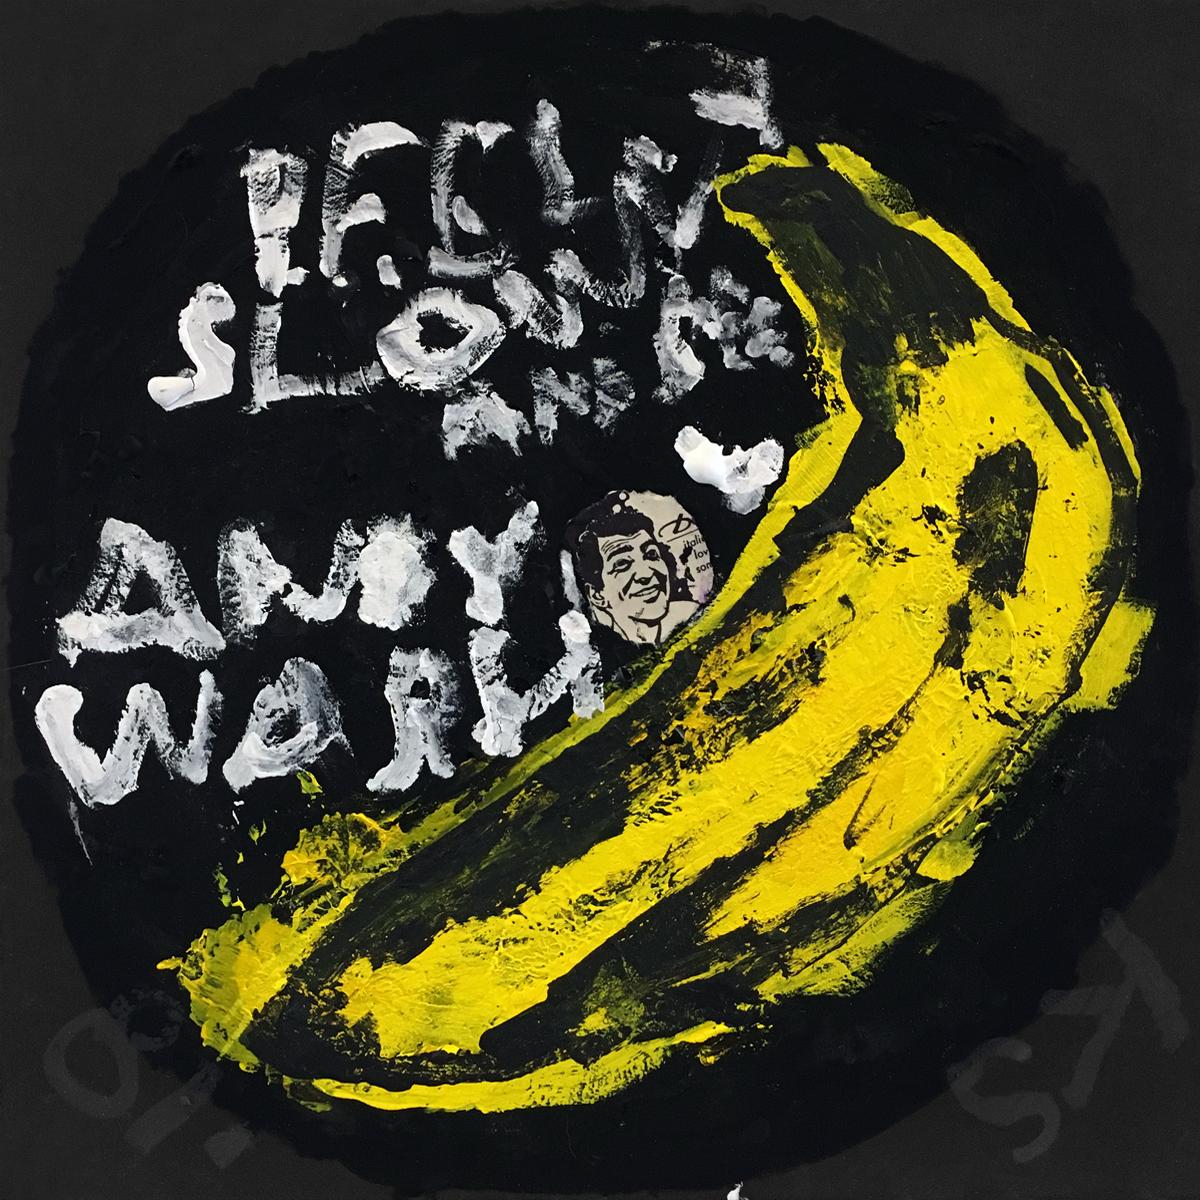 Velvet Underground / Andy Warhol (Black)